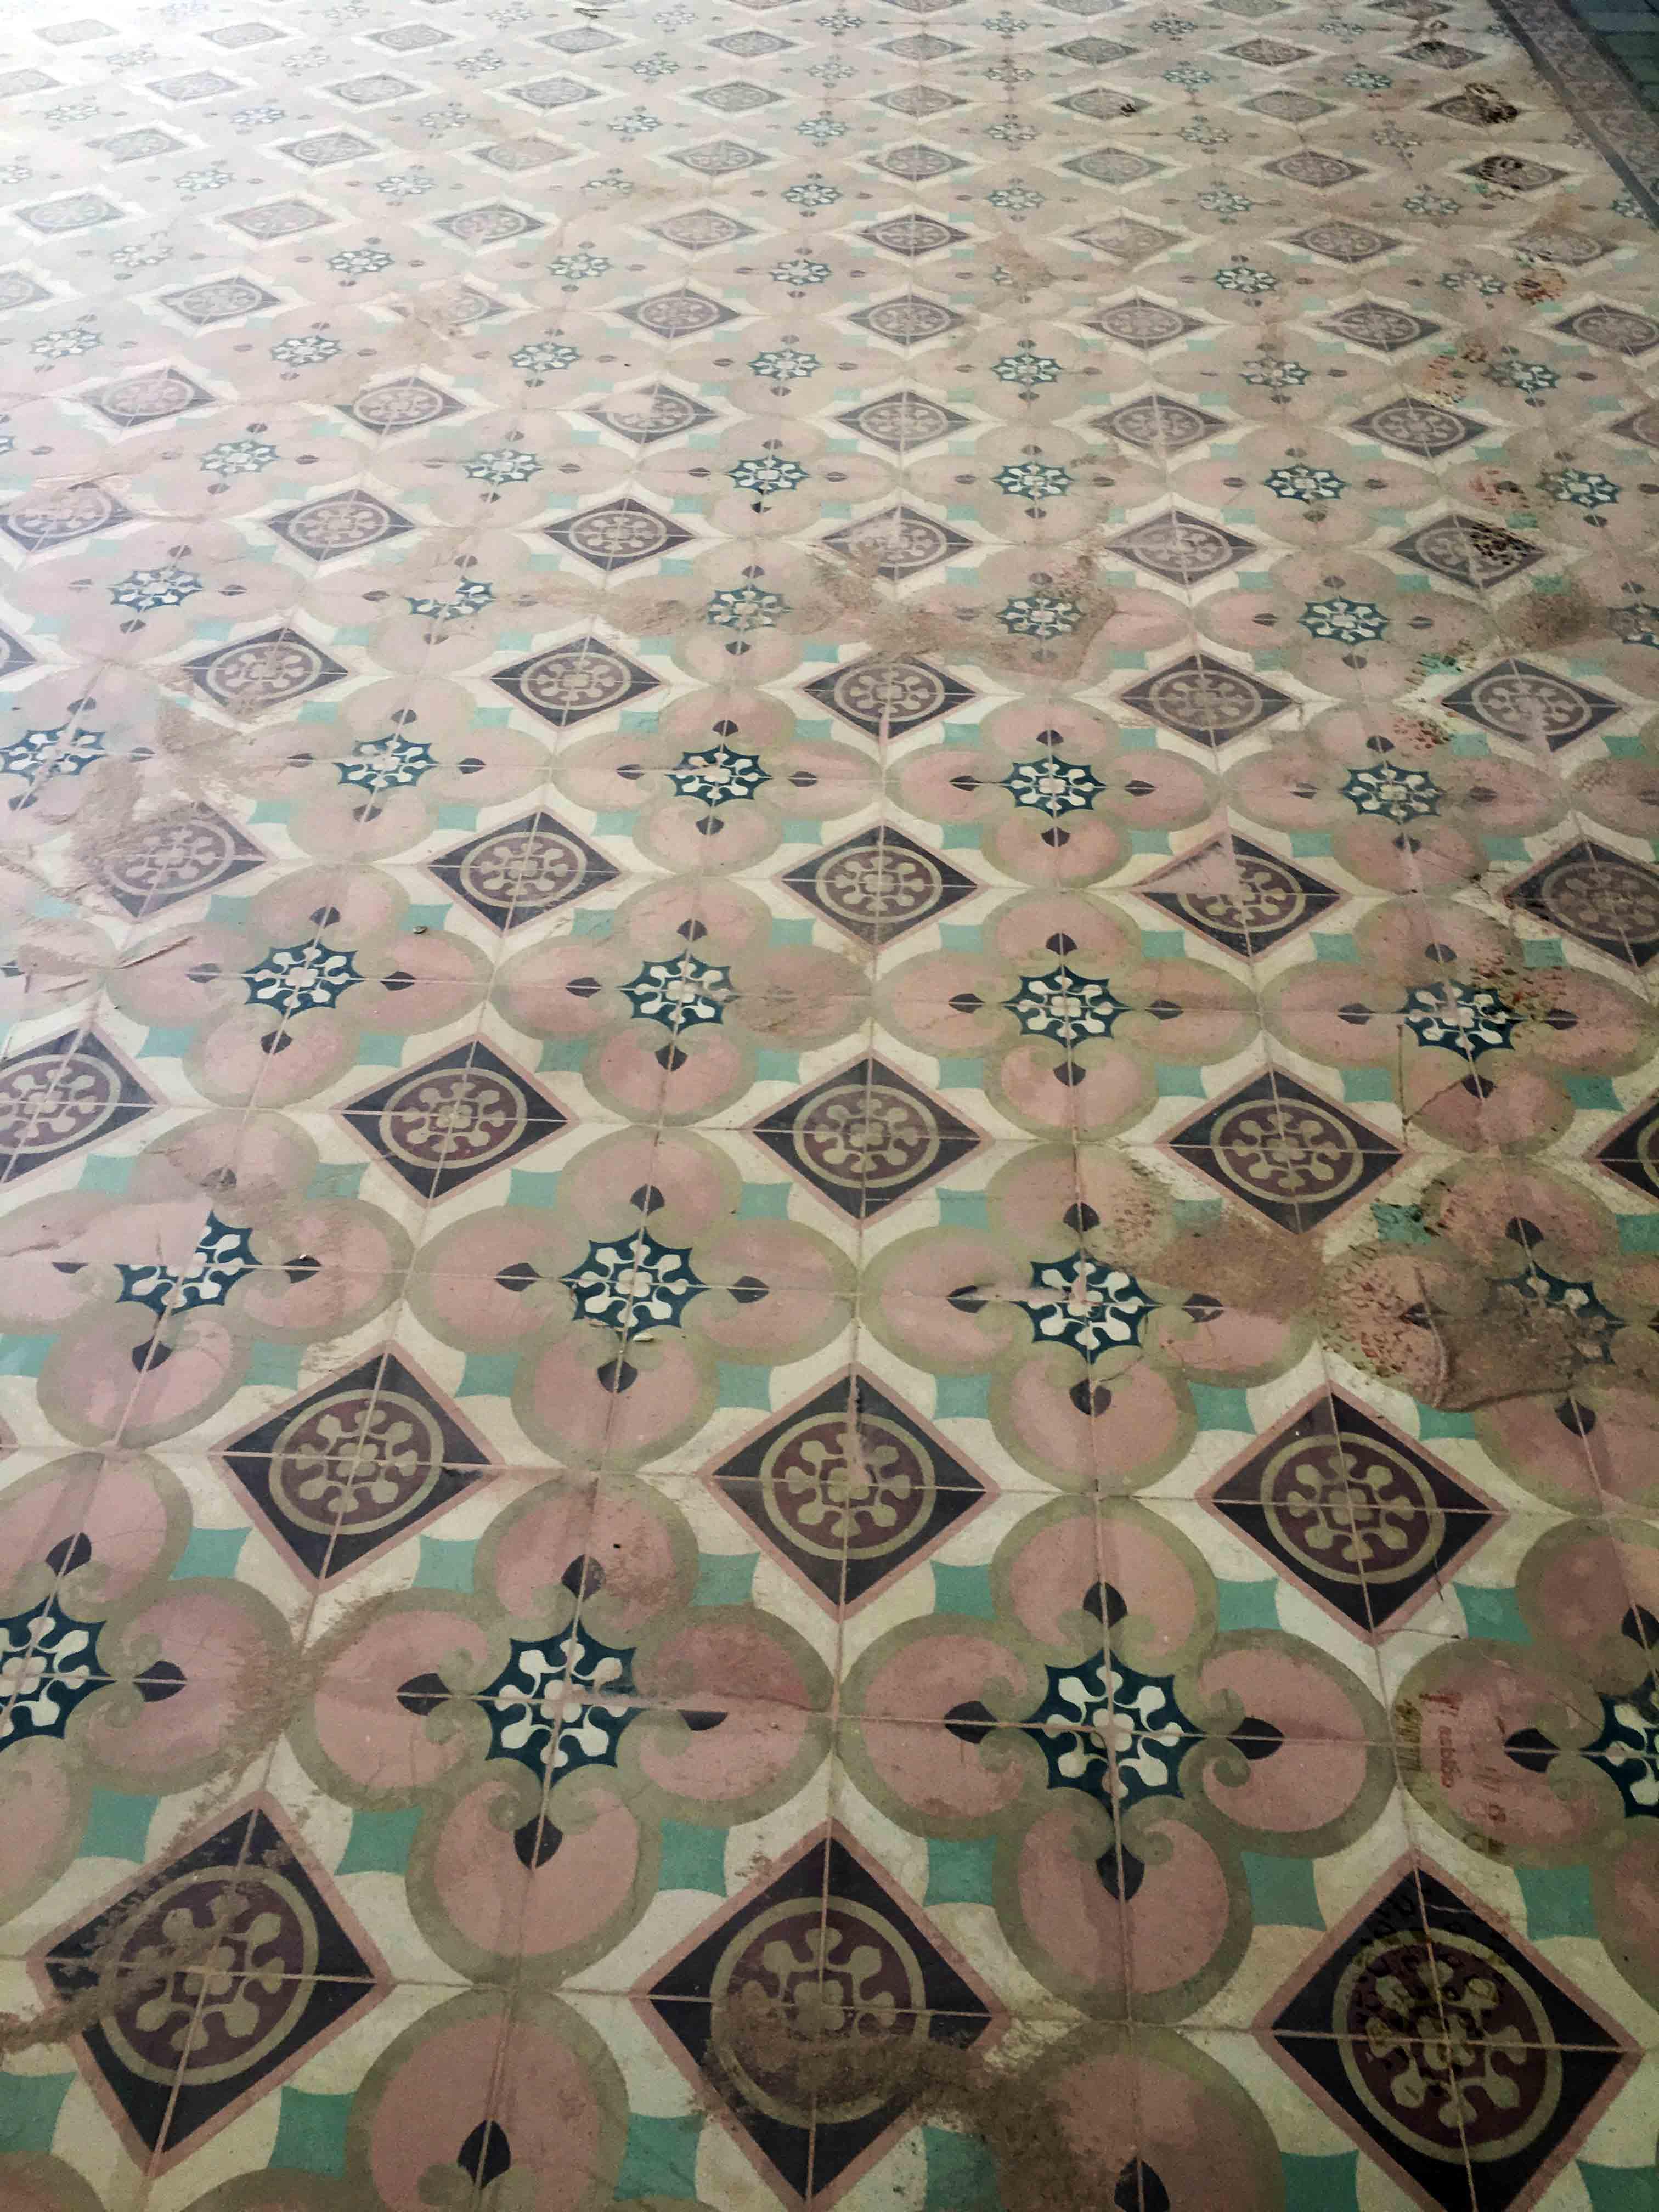 MosaicosBarcelona-Recuperacción-abrillantado-y-acristalado-de-suelos-de-mosaico-hidraulico-en-vivienda-en-Mallorca-Baleares-5